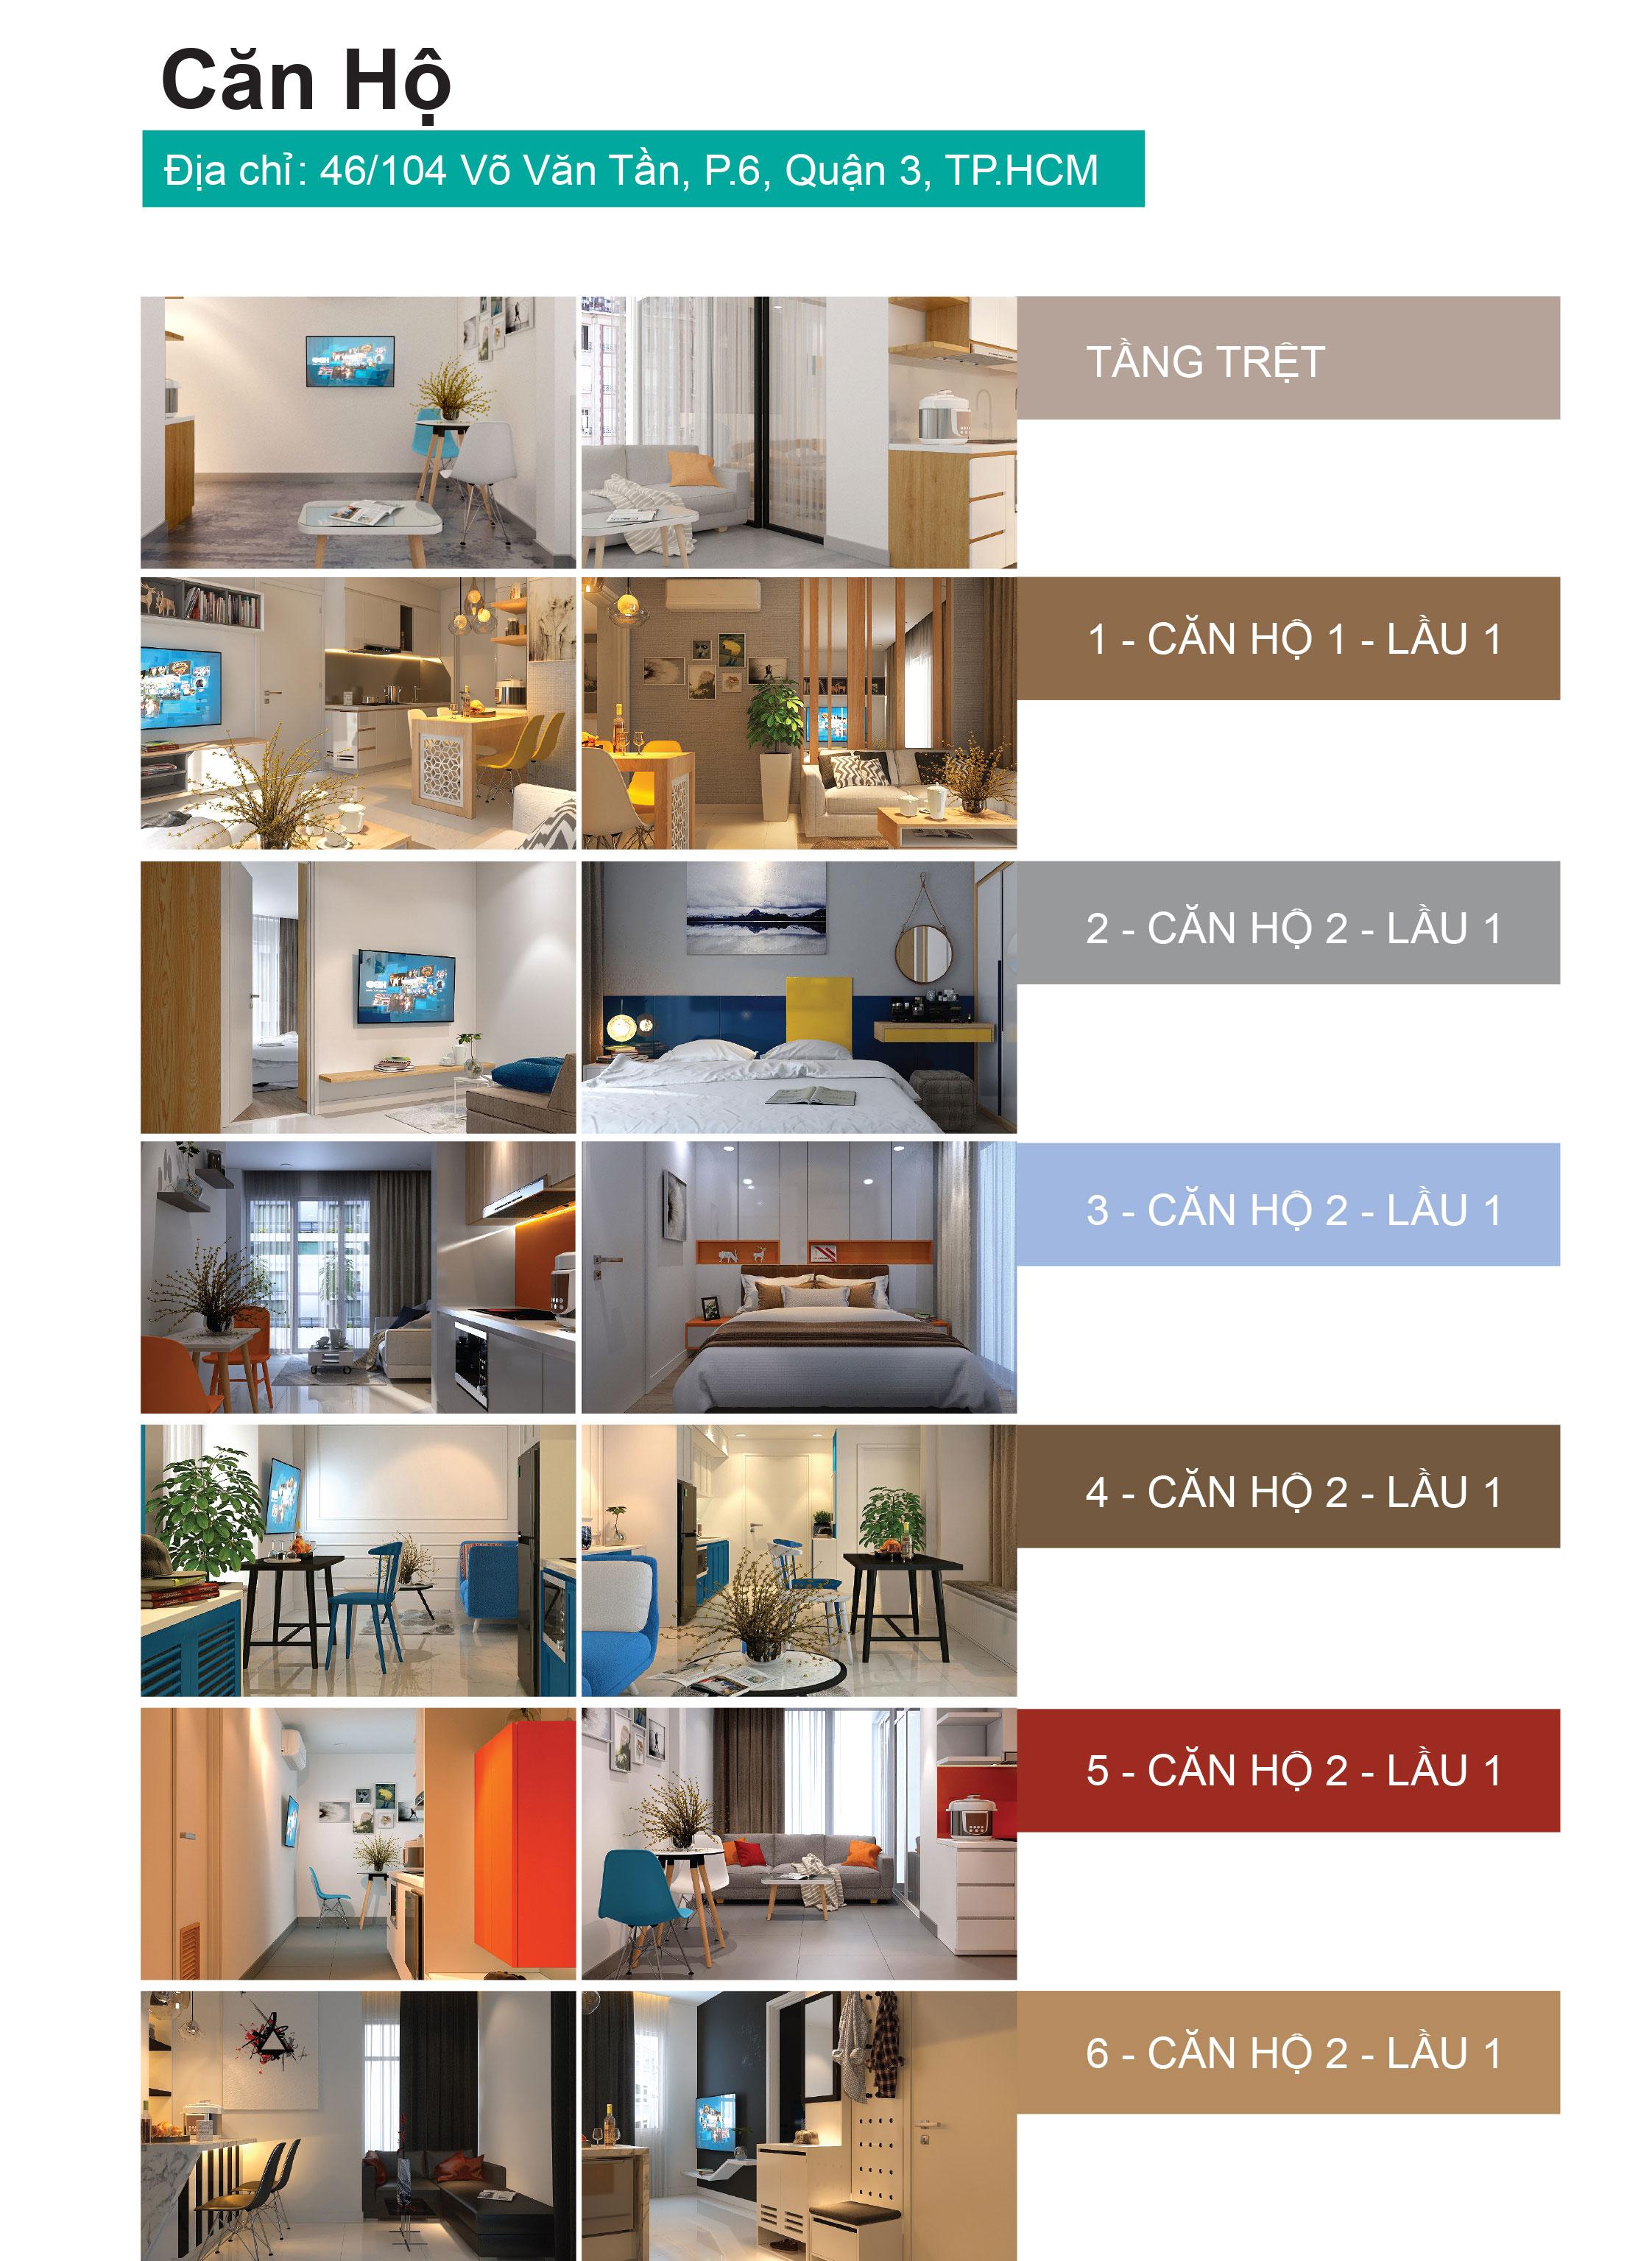 Bảng giá căn hộ cho thuê quận 3 Estar